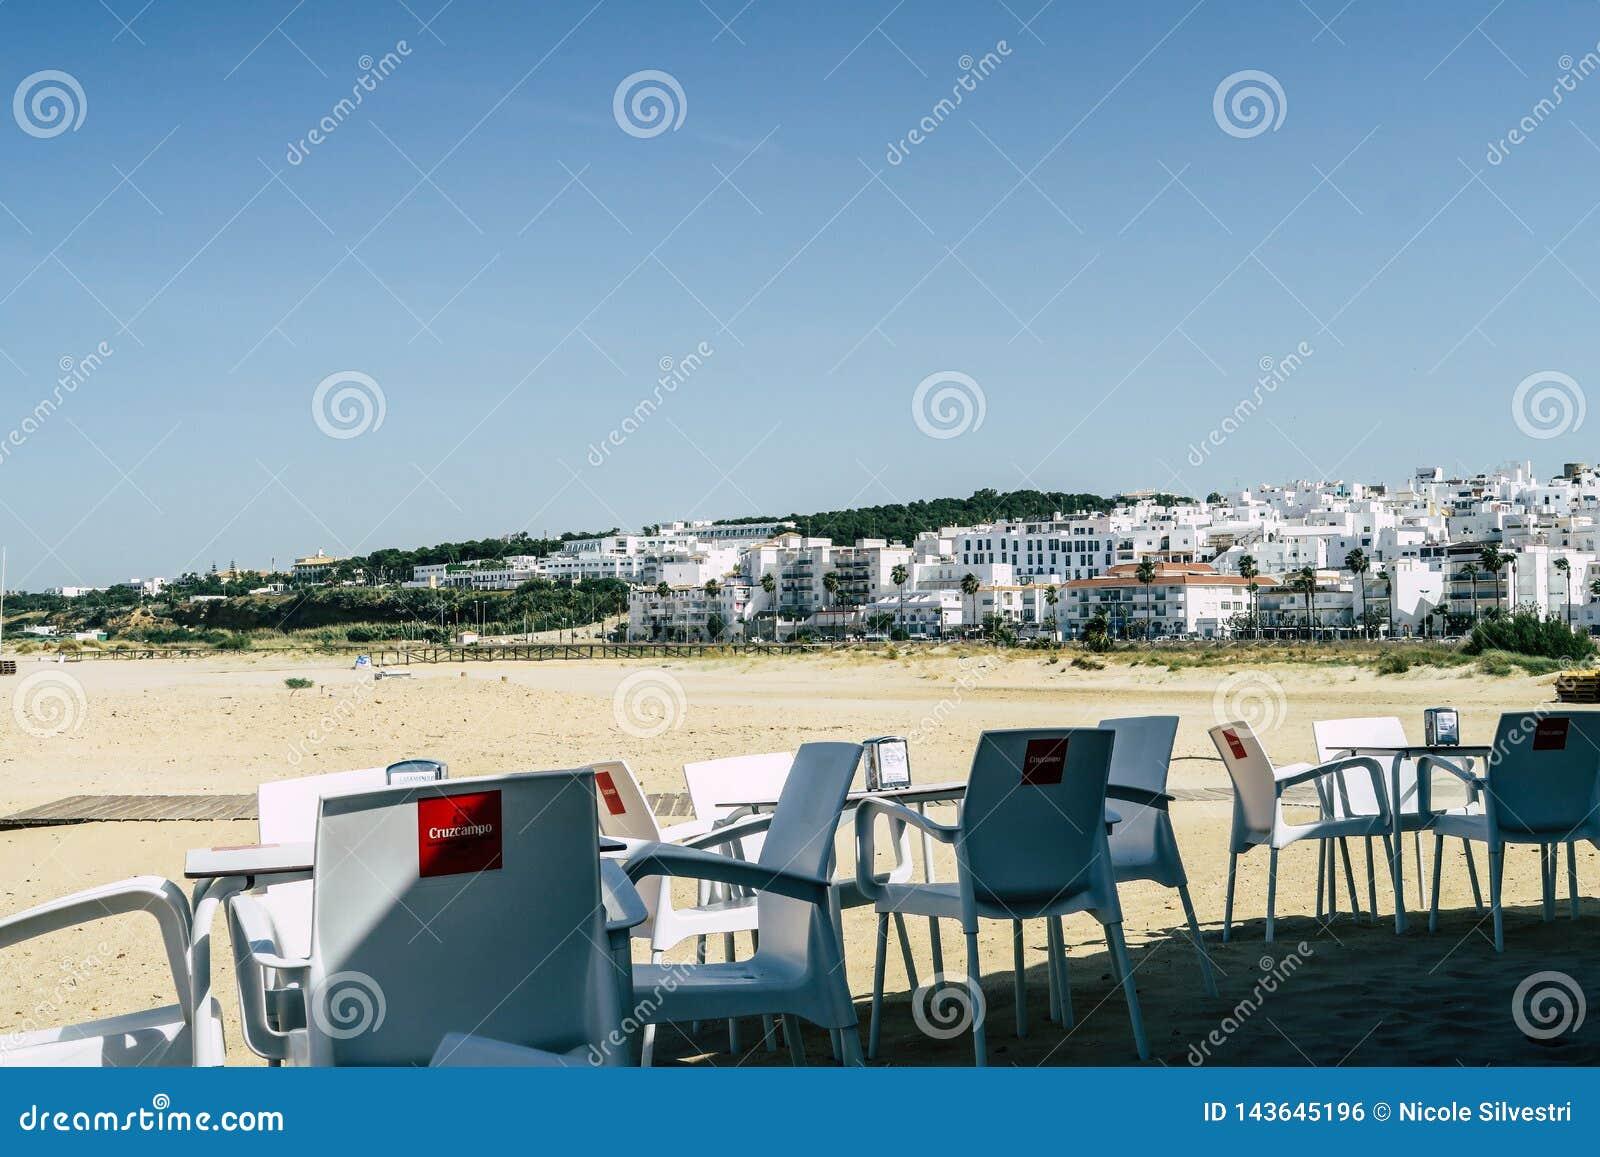 Kaffeeplatz mit weißen Stühlen und Tabelle in einer Kleinstadt in Süd-Spanien, an der Küste vom Mittelmeer